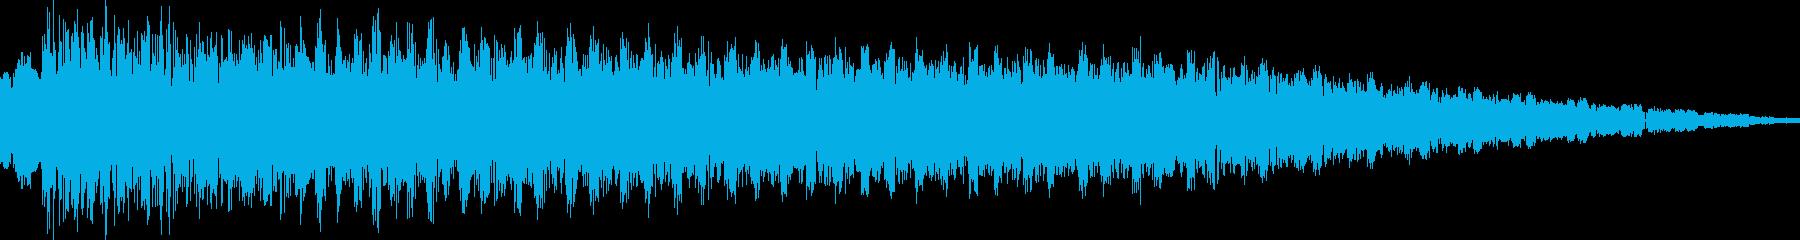 ゲーム風ビーム音の再生済みの波形